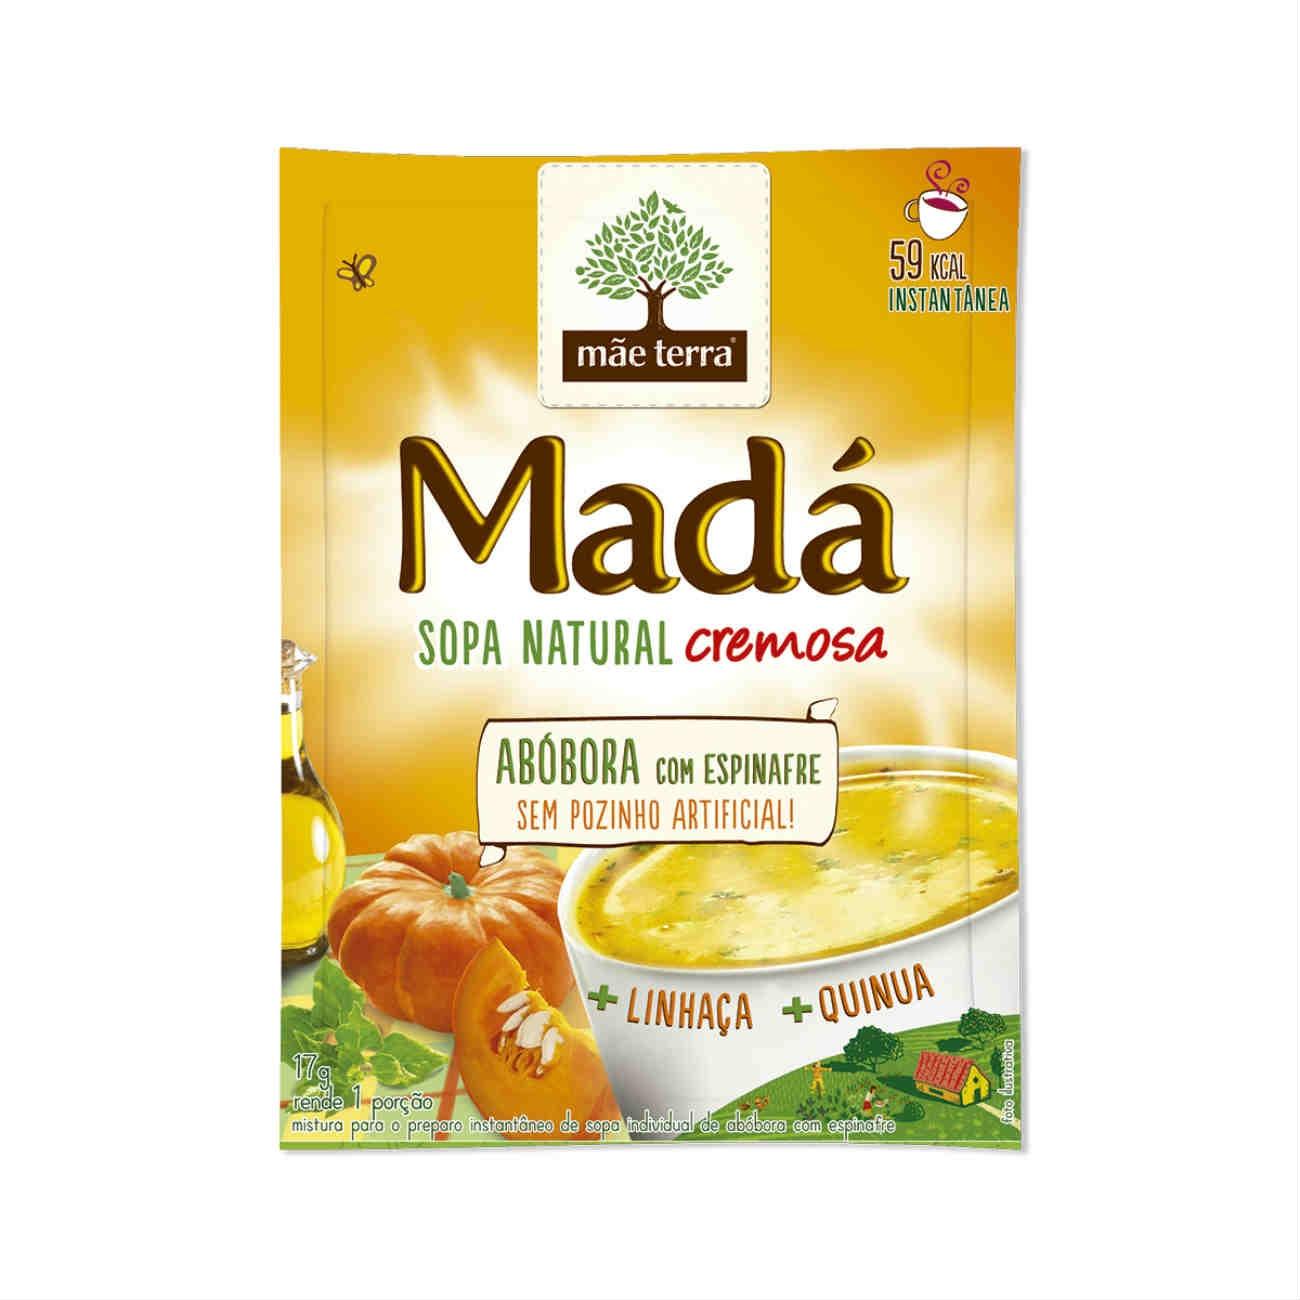 Sopa instant�nea Natural M�e Terra Mad� Ab�bara com Espinafre 17g | Display